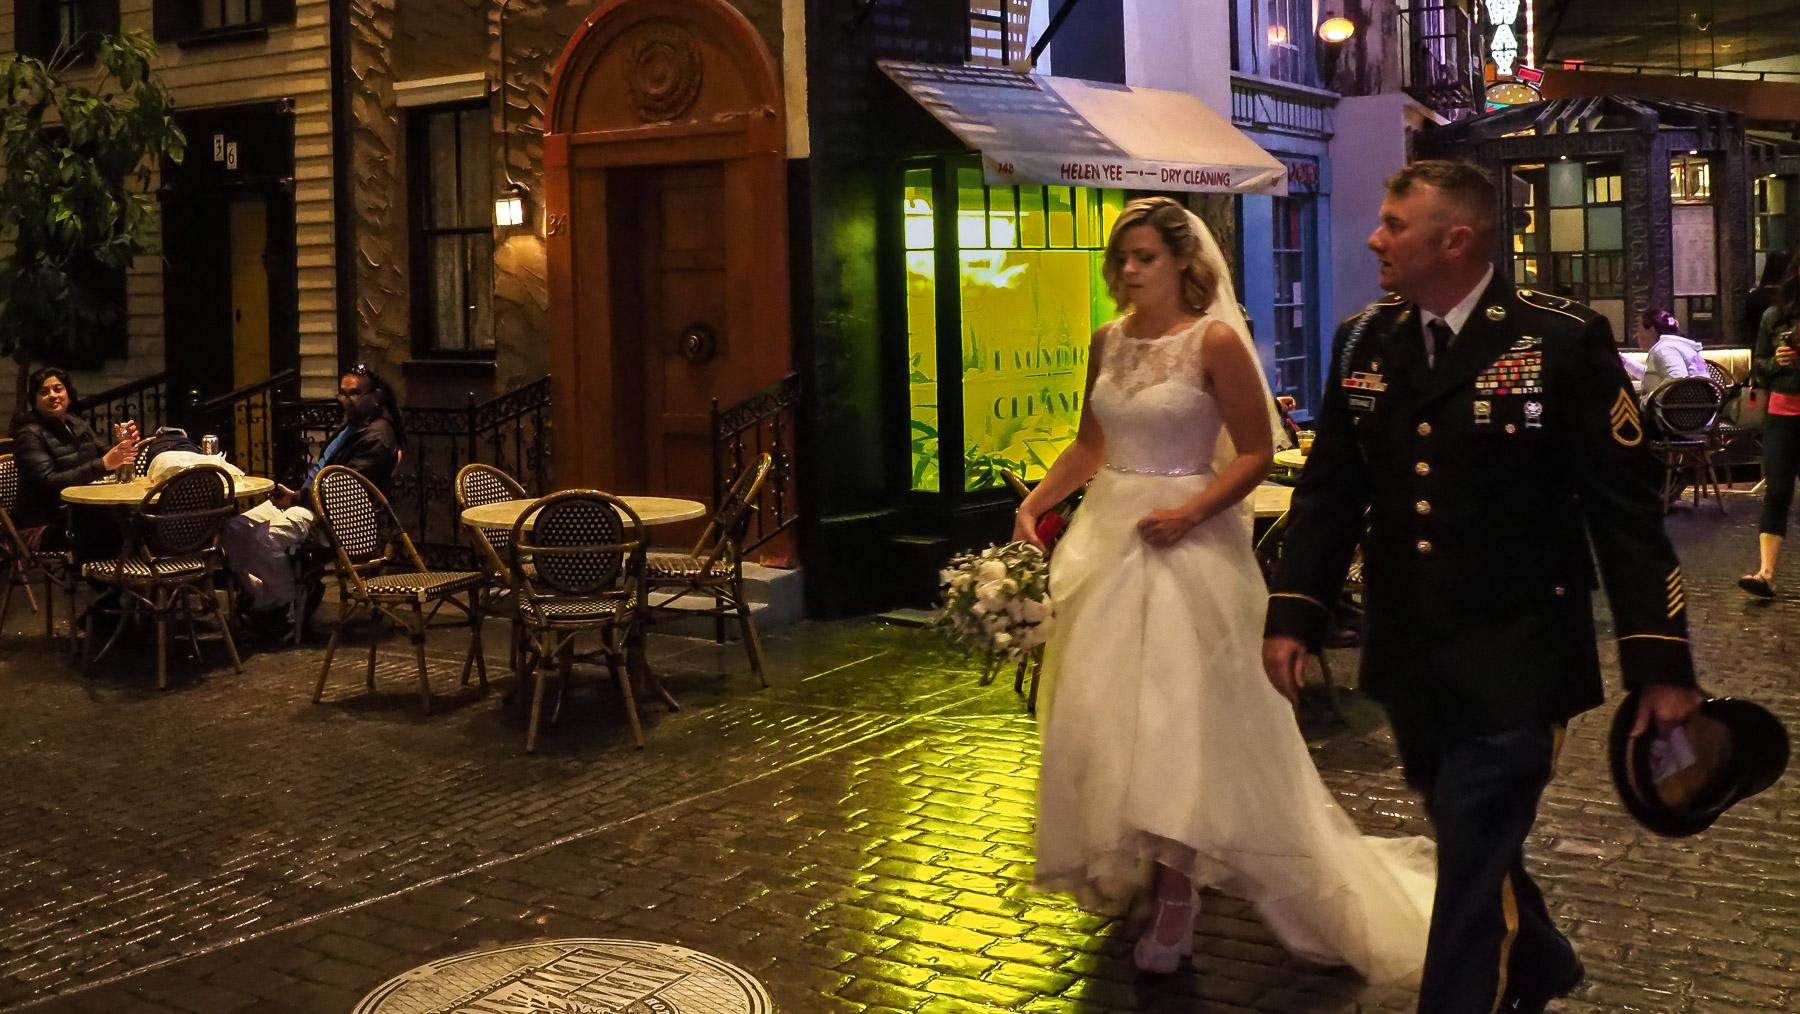 Ein Hochzeitspaar auf dem Weg zu einer der Wedding Chapels